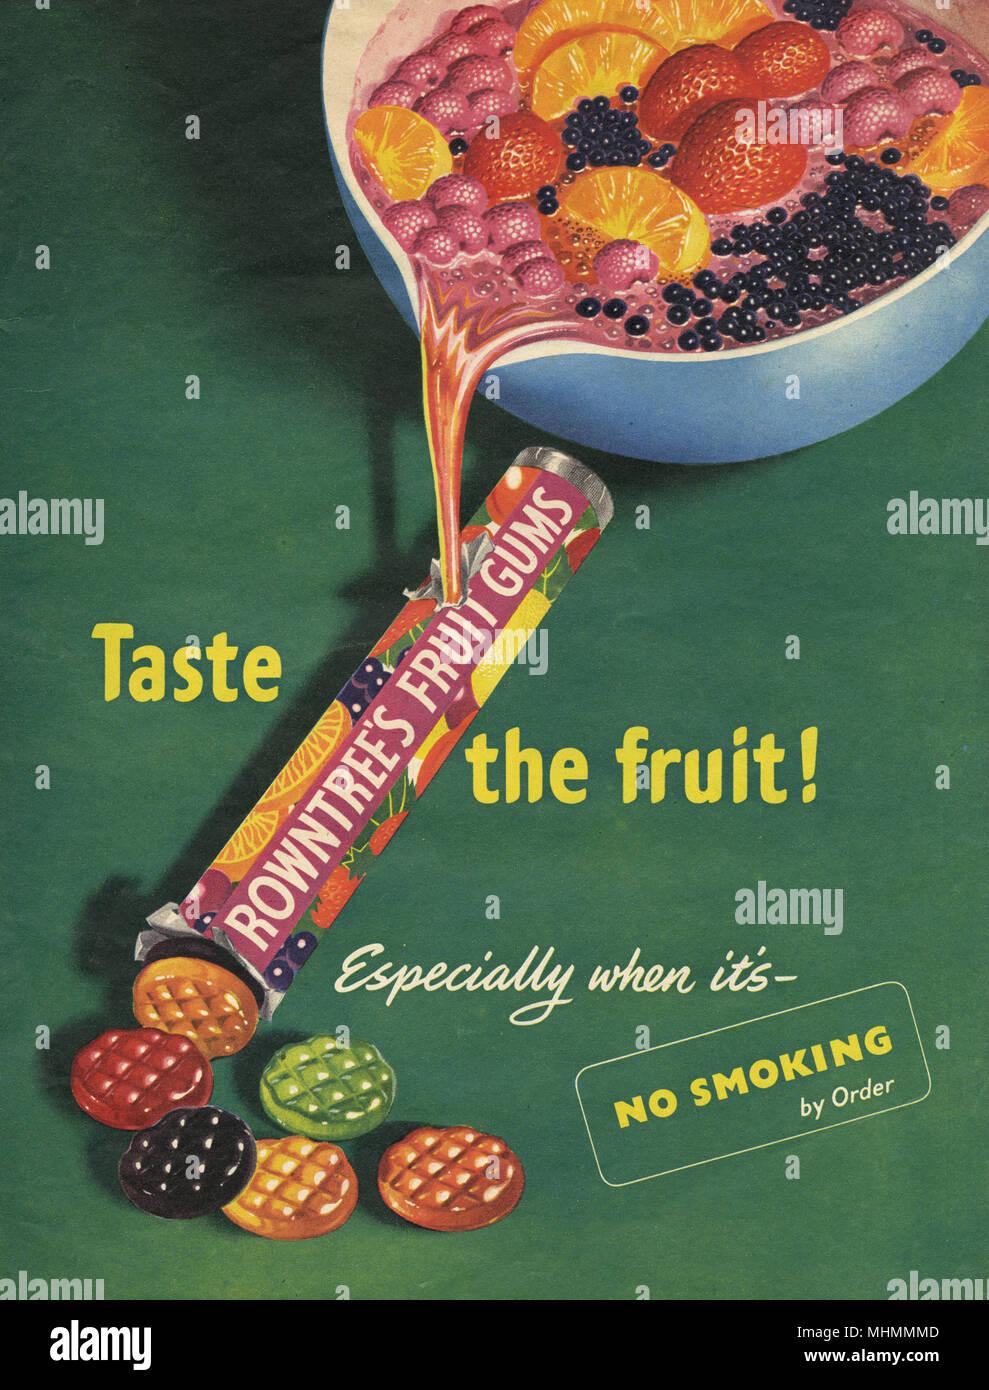 Werbung für Rowntree's Fruchtgummis, Bonbons, nach dem Bild, von echten Fruchtsaft und, wenn mit dem Rauchen aufhören empfohlen, eine fruchtige Alternative. Datum: 1953 Stockbild